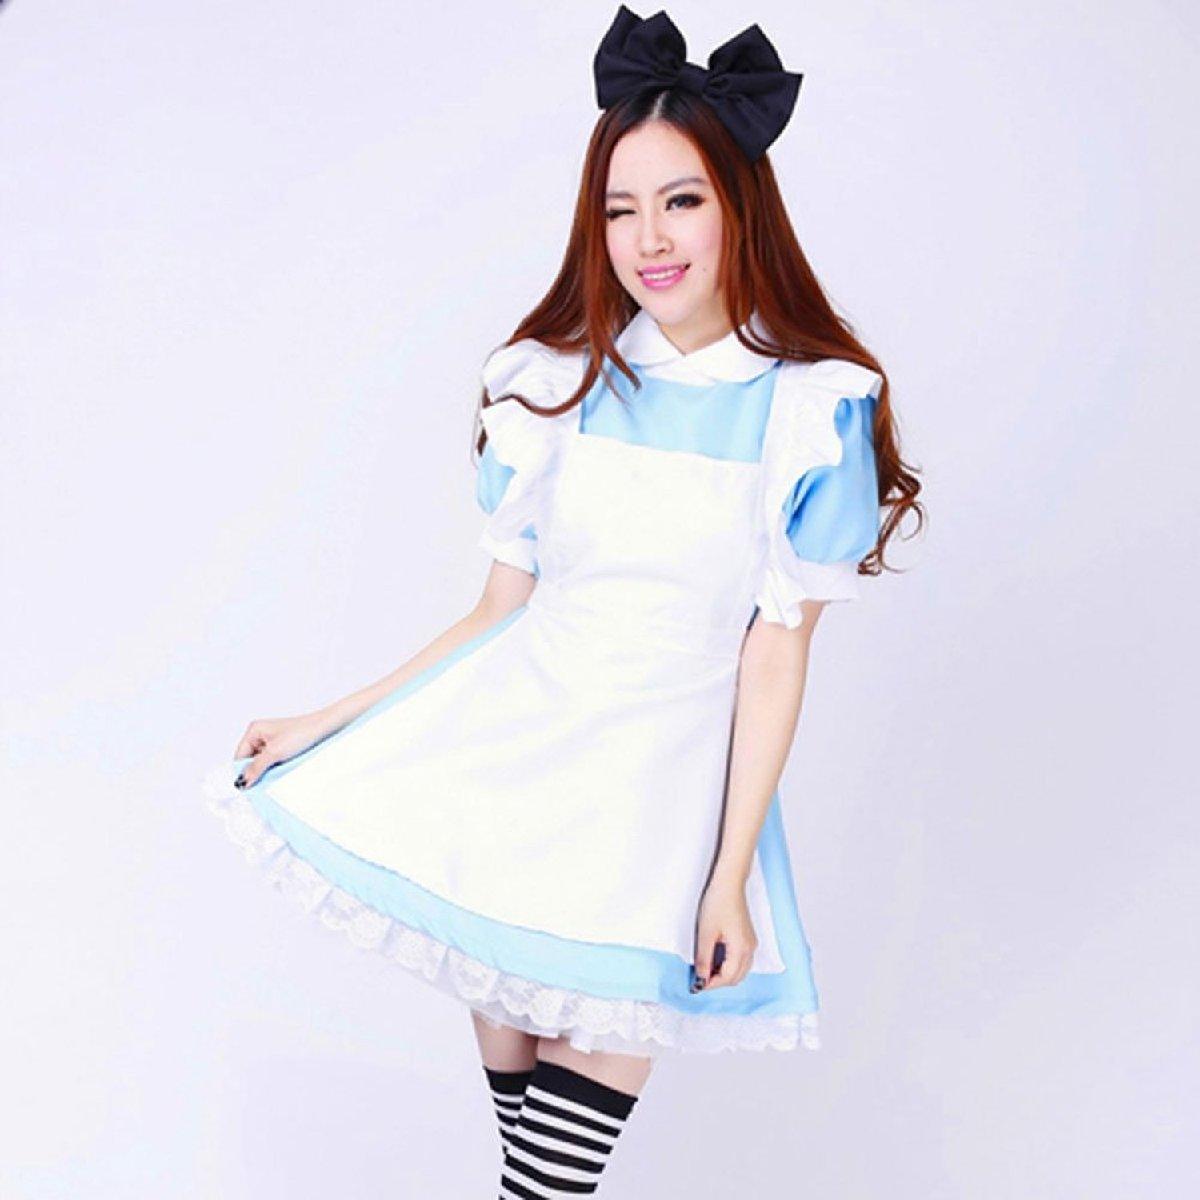 d7e1bb7c73ea9 不思議の国のアリス風メイド服かわいいコスプレ衣装コスプレセット変装仮装イベント